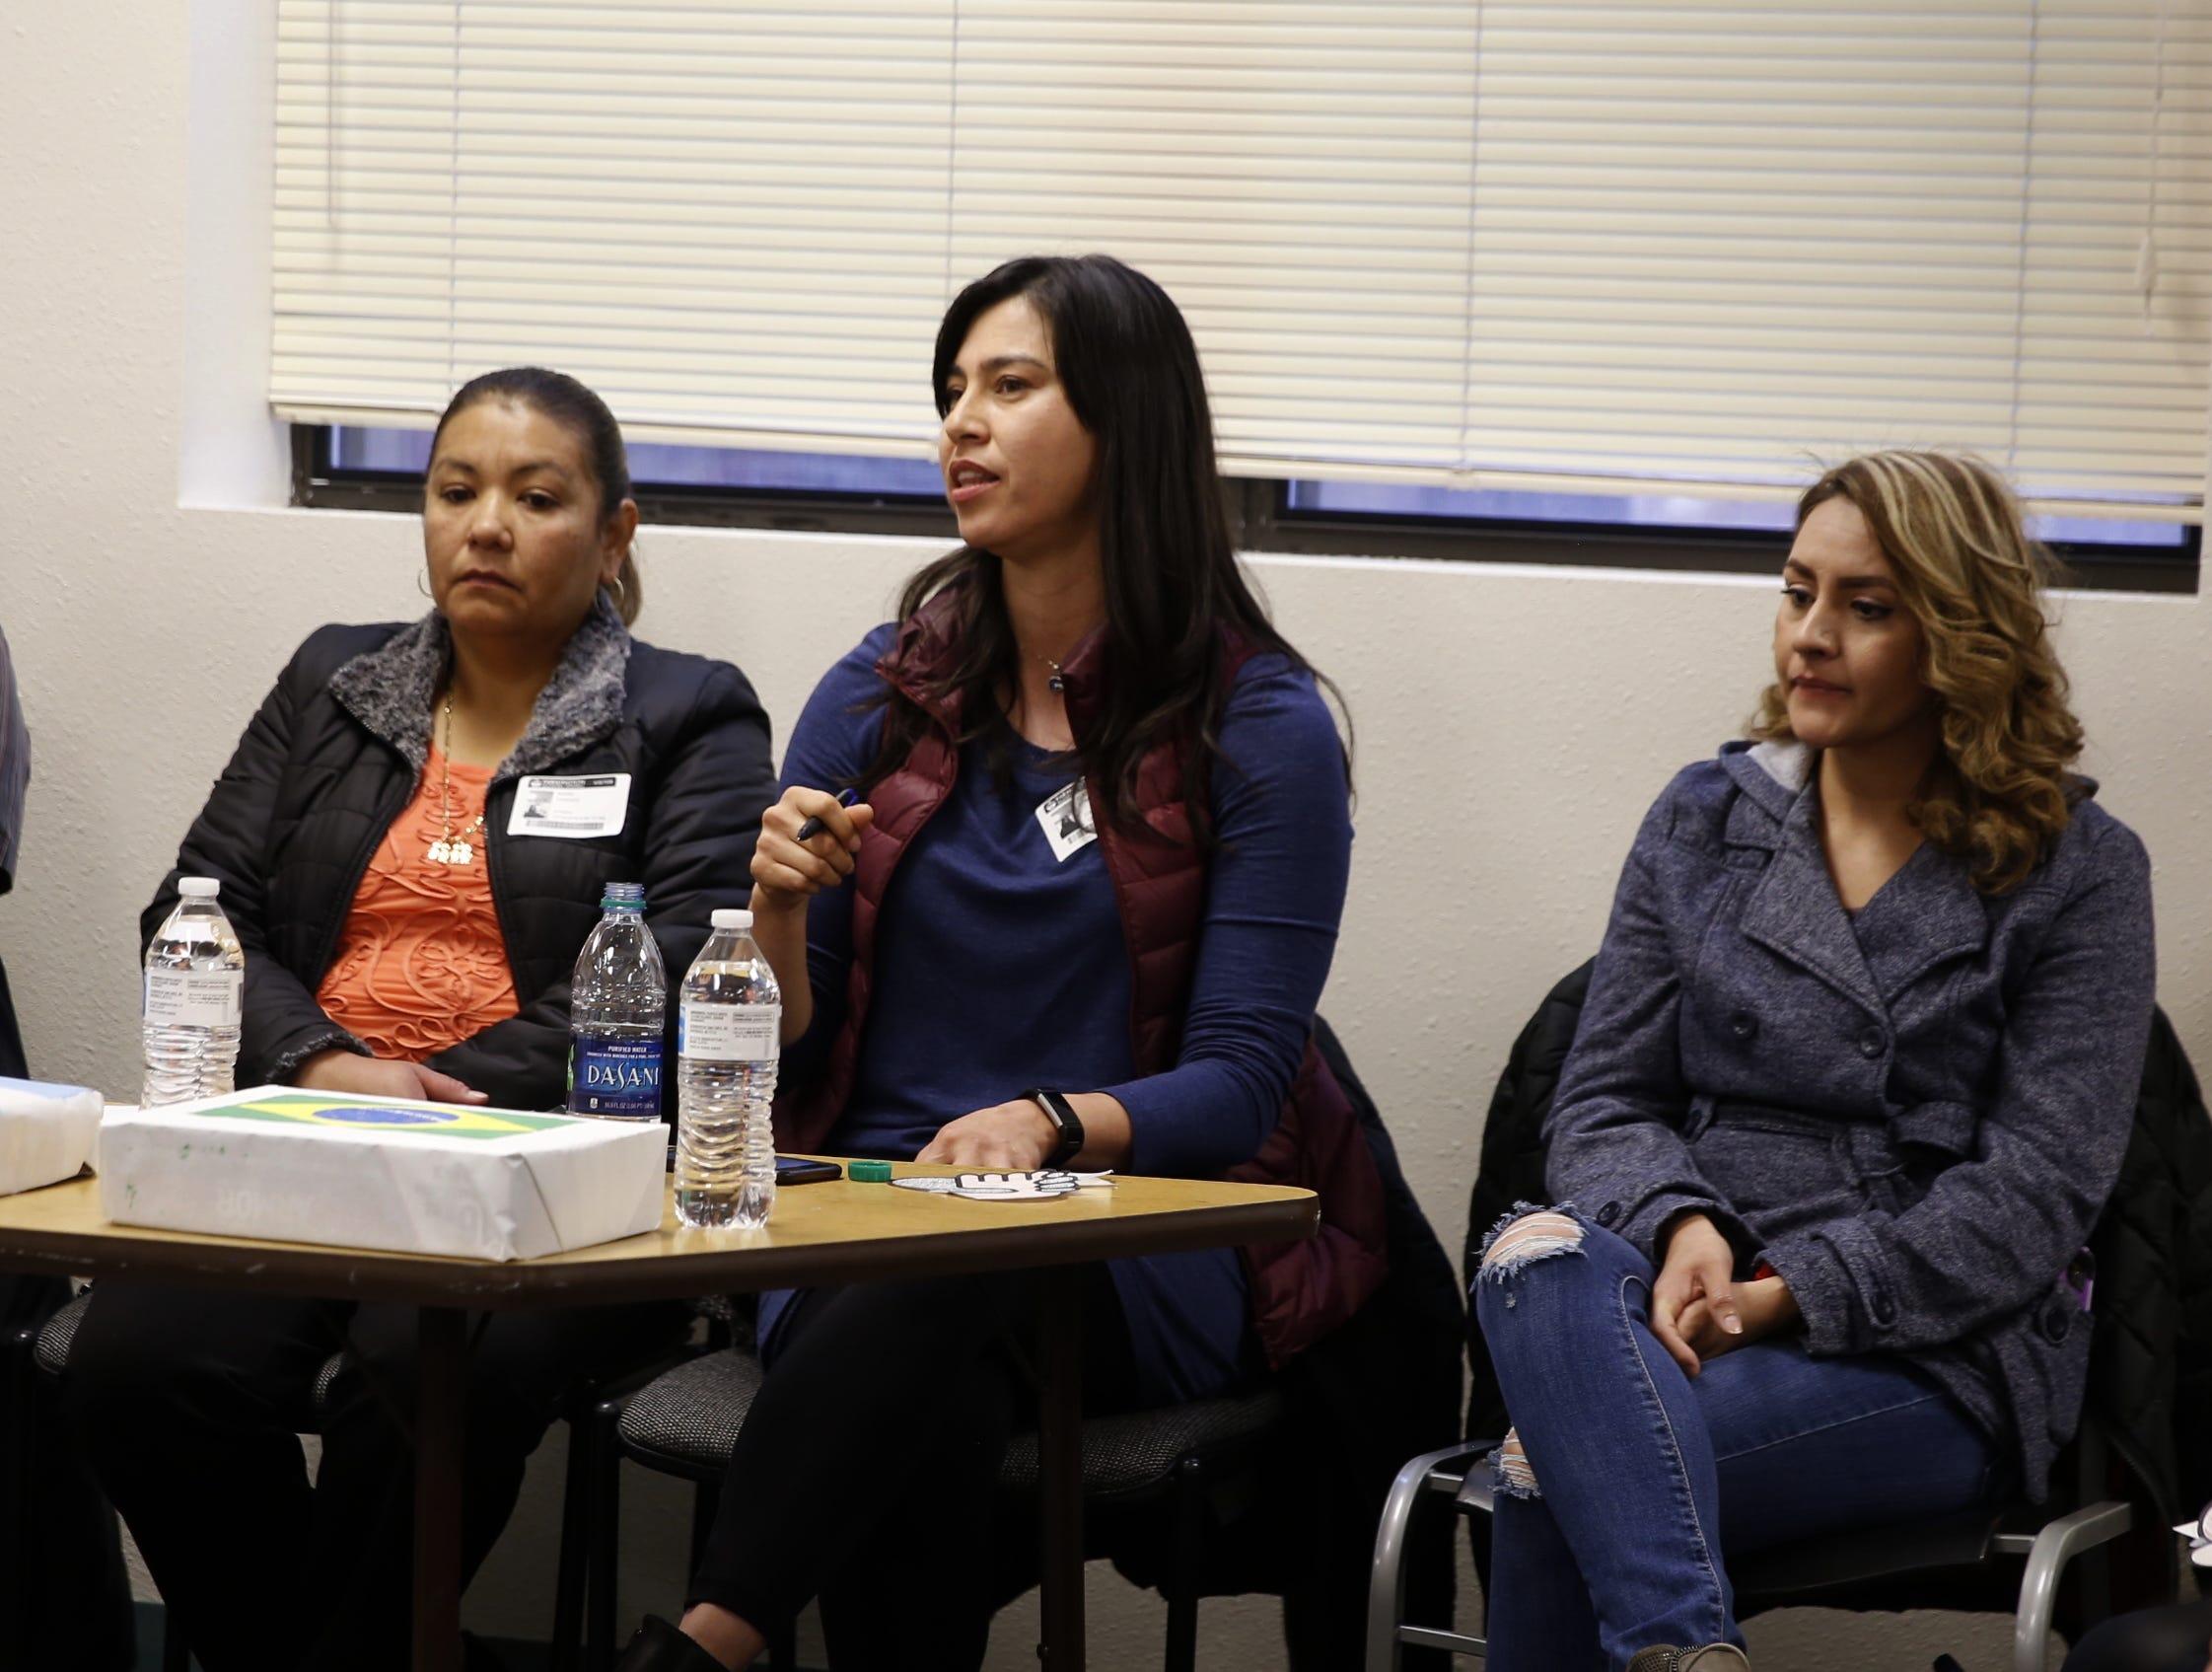 Somos Un Pueblo Unido communityi organizer Elsa Lopez, center, talks about immigration, Monday, Dec. 10, 2018, at Rocinante High School in Farmington.